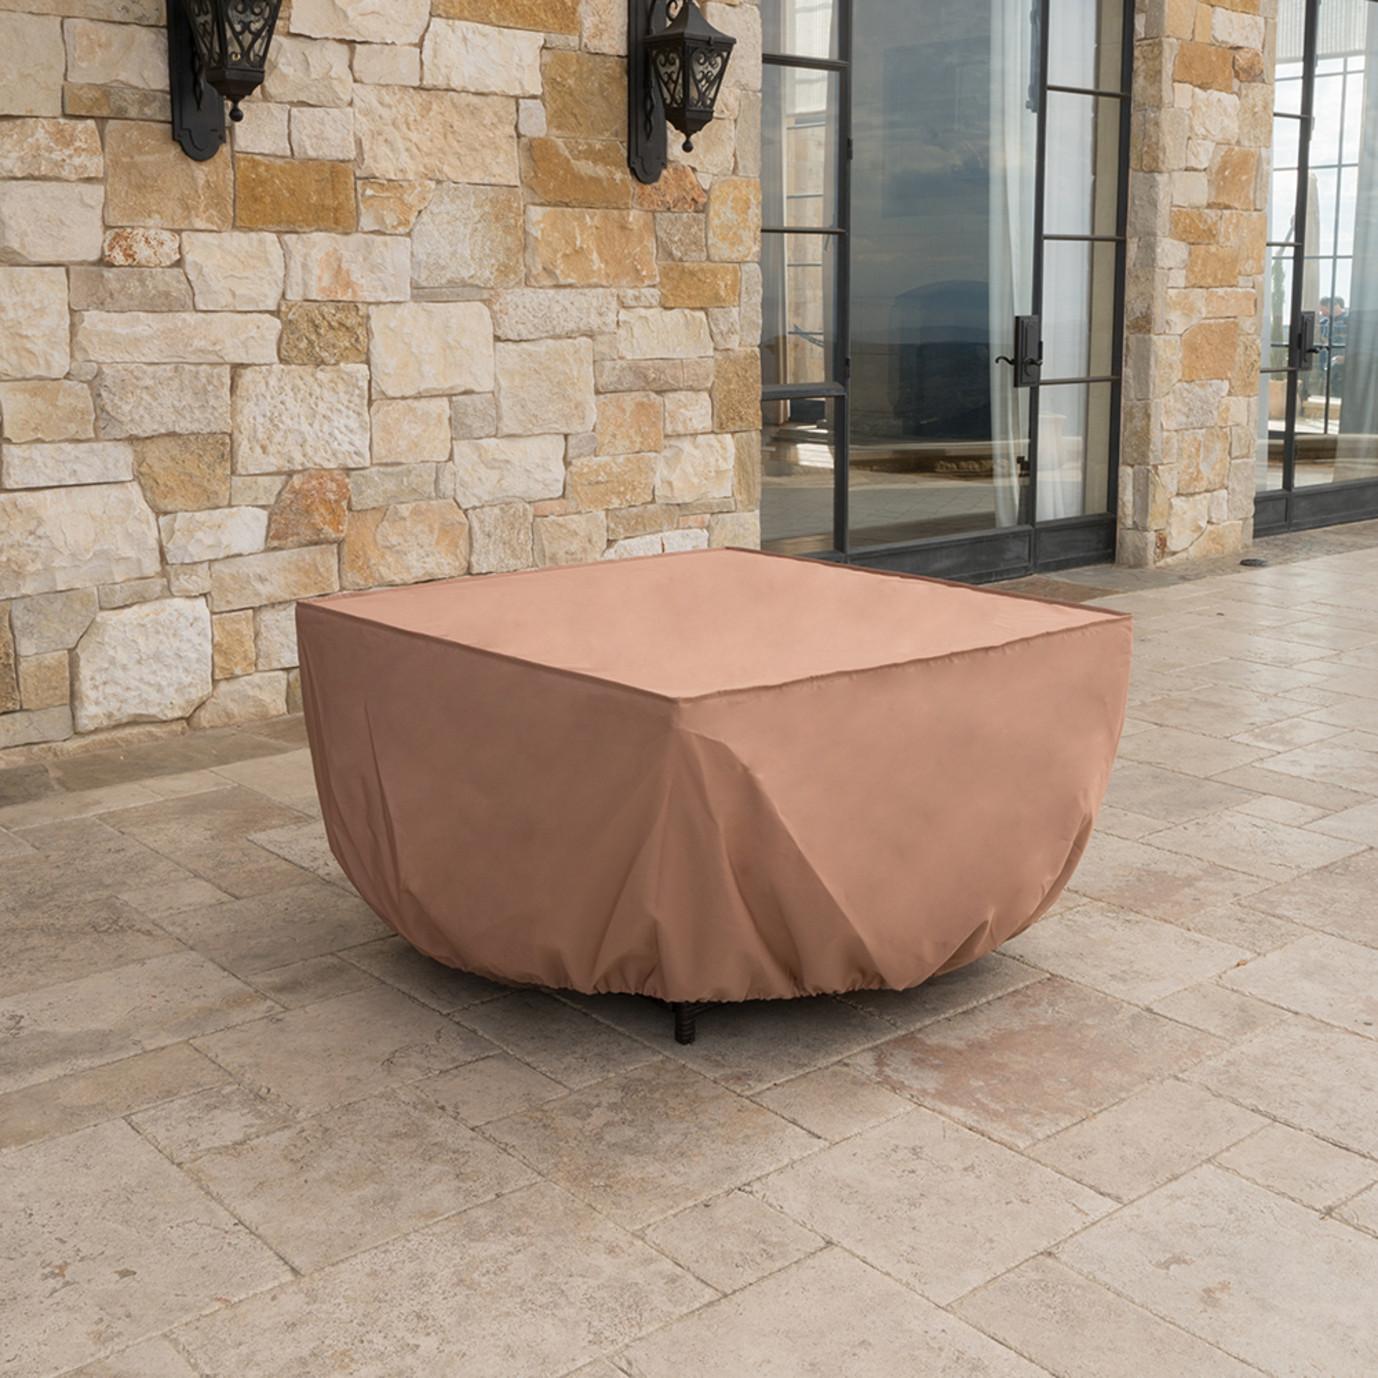 Portofino® 48in Fire Table Furniture Cover